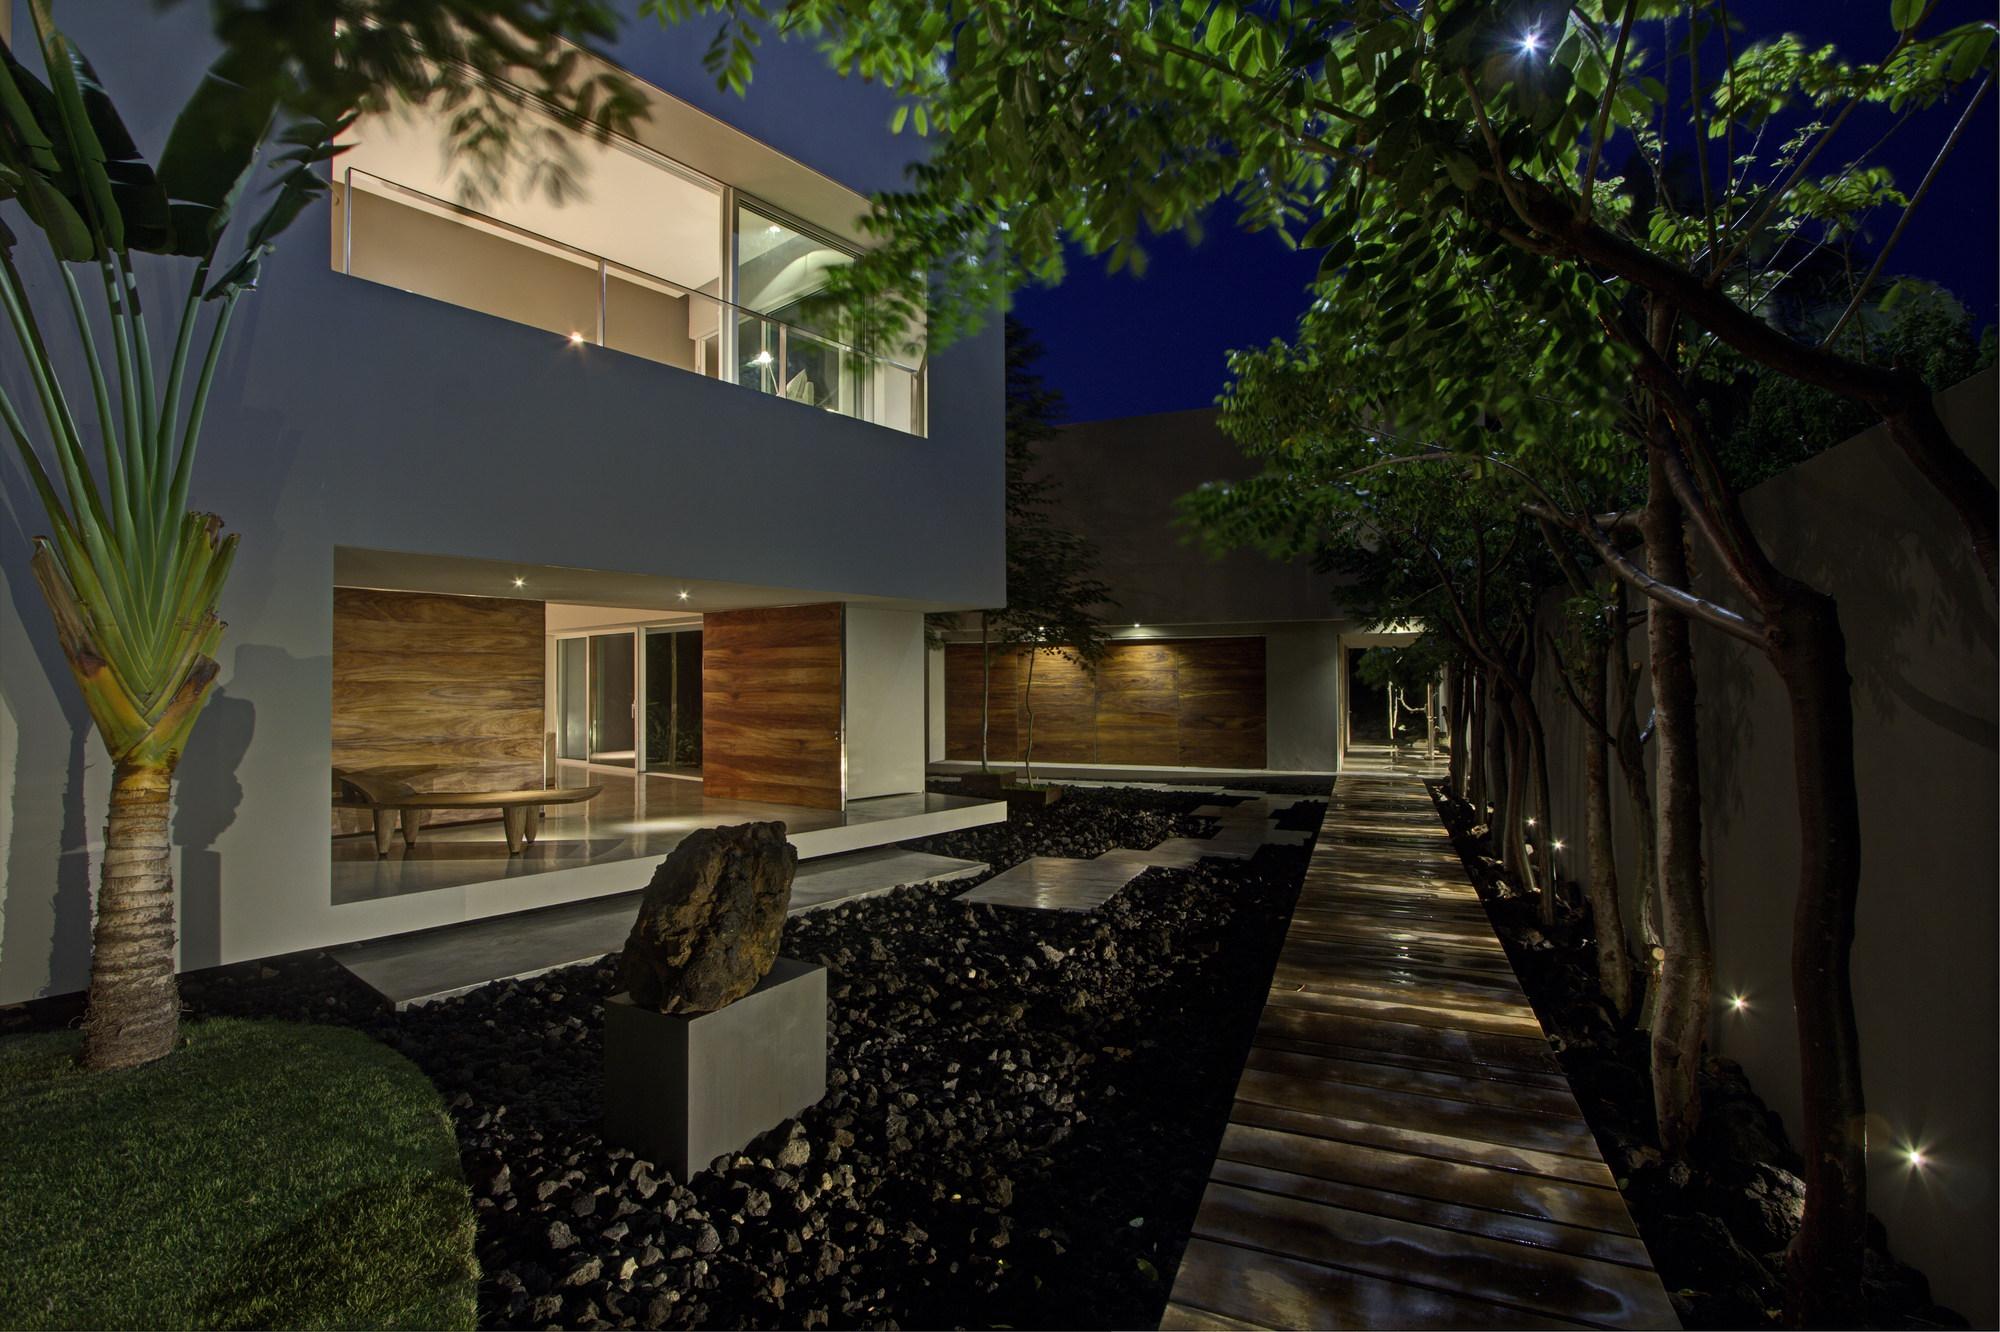 Casa la punta by el as rizo arquitectos karmatrendz for La casa 2013